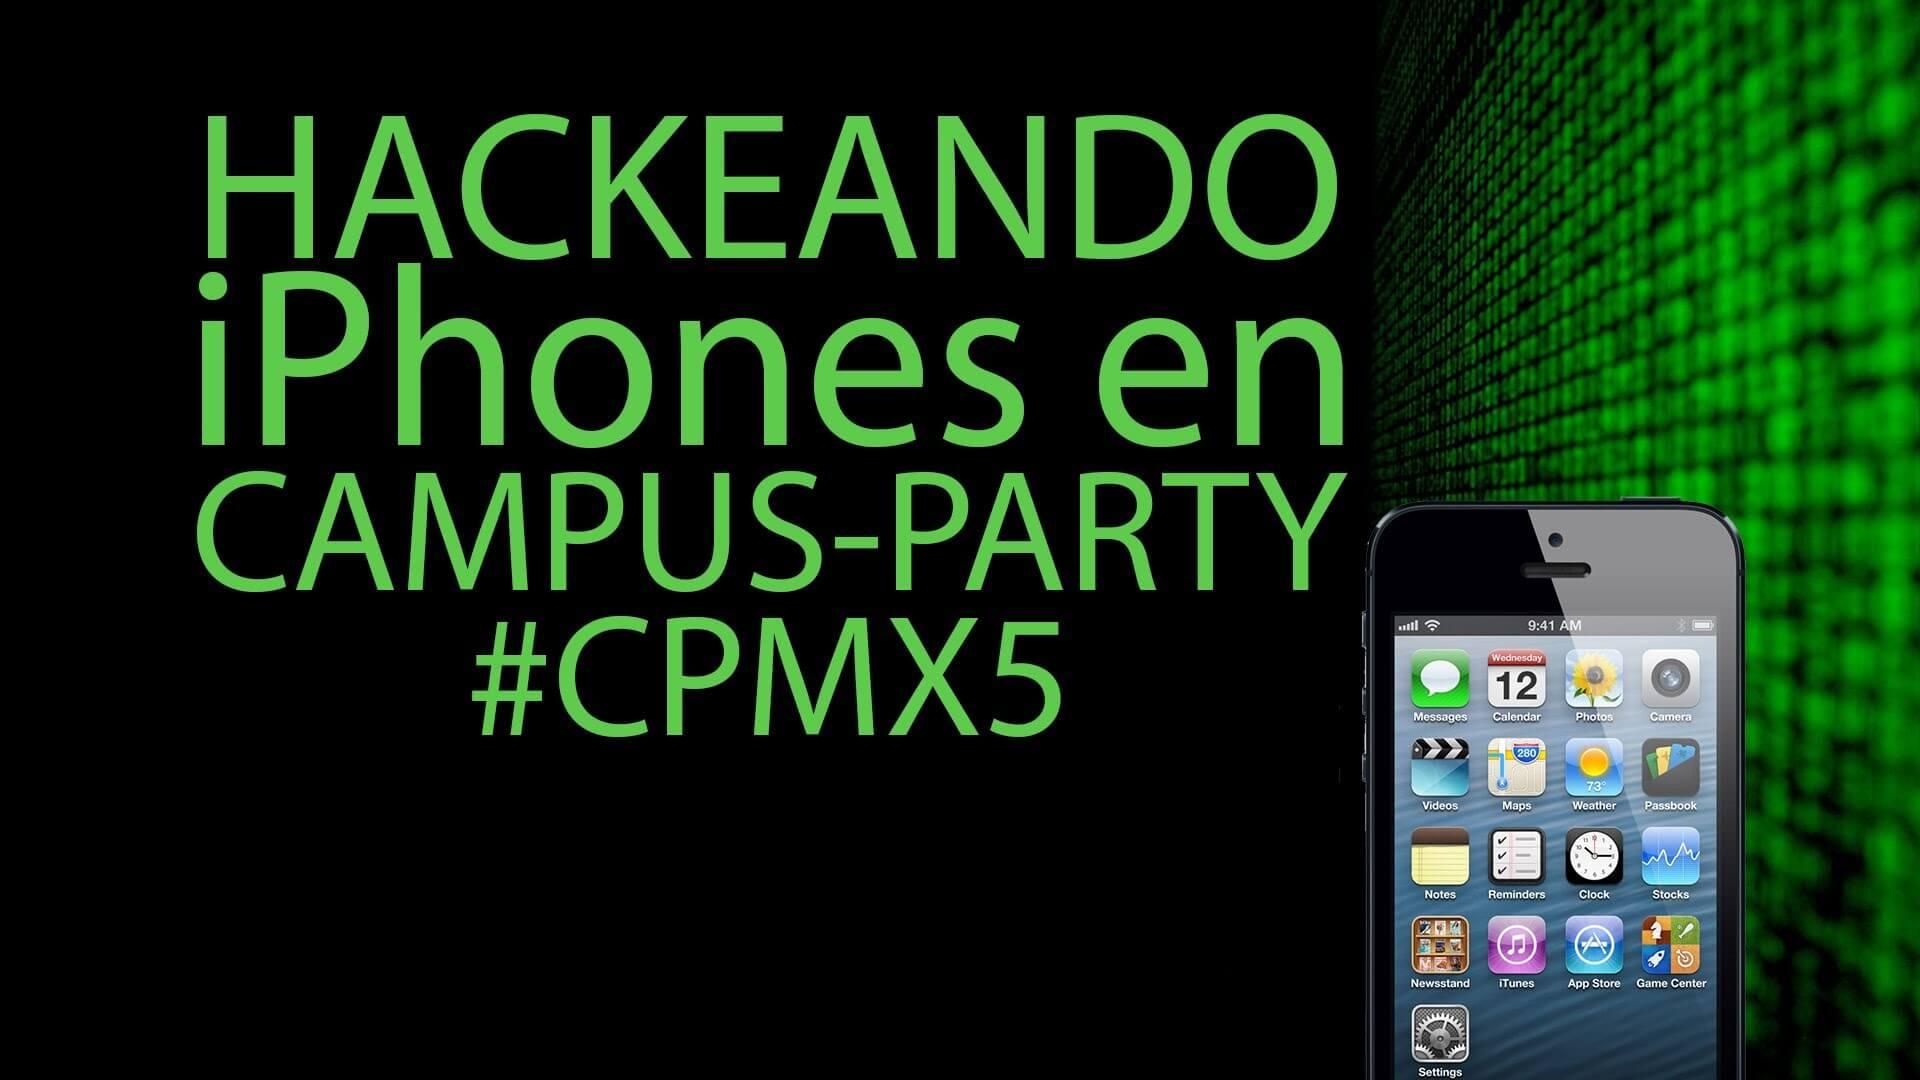 Hackeando iPhone´s en el Campus-Party #CPMX5